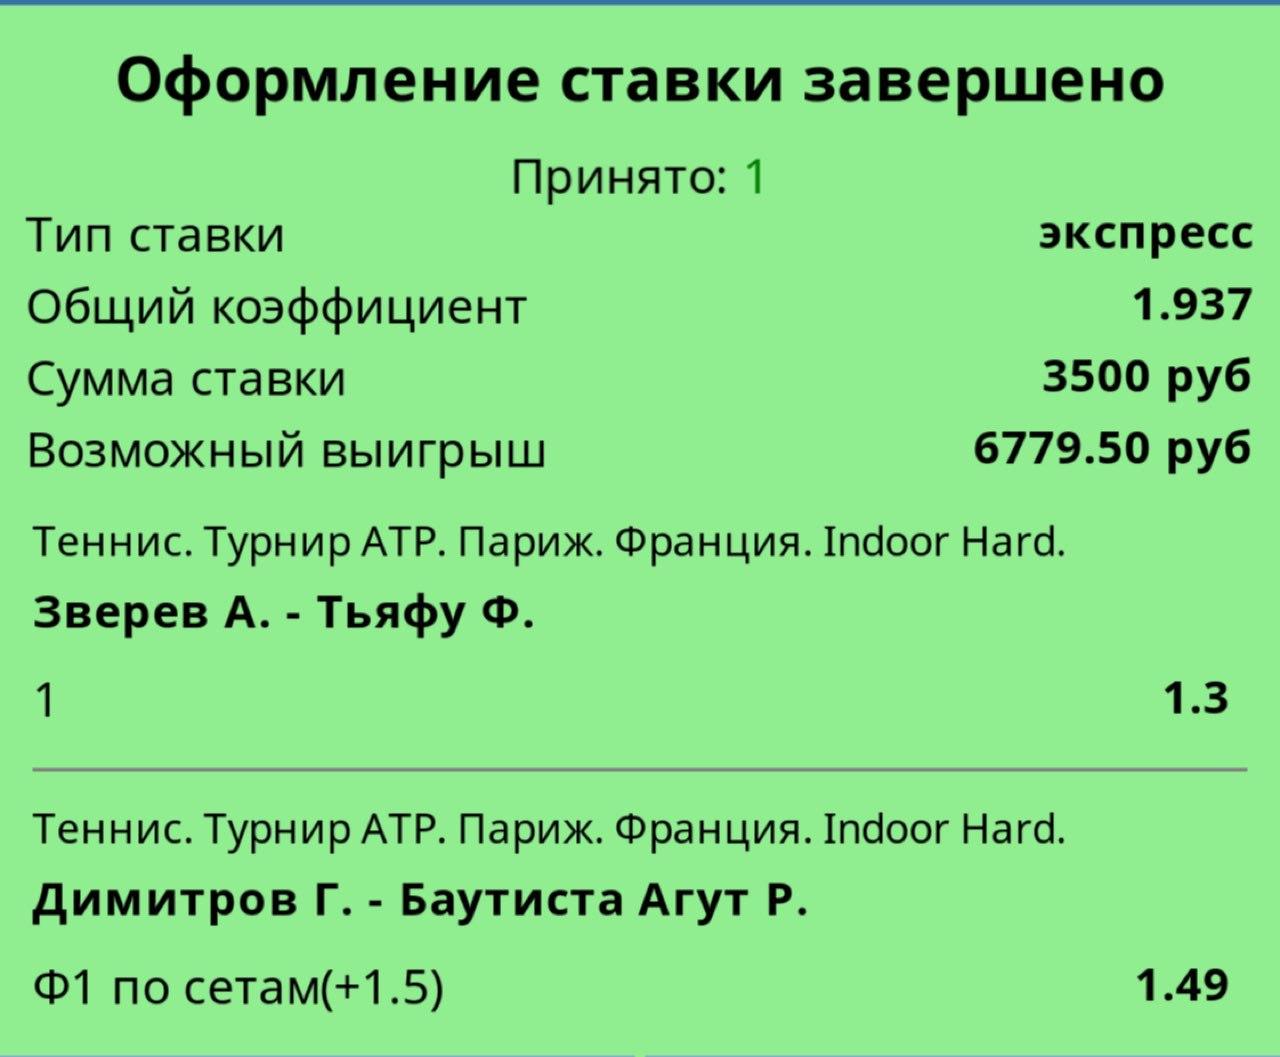 Сундсвалль – АИК. Прогноз на матч 15.07.2018